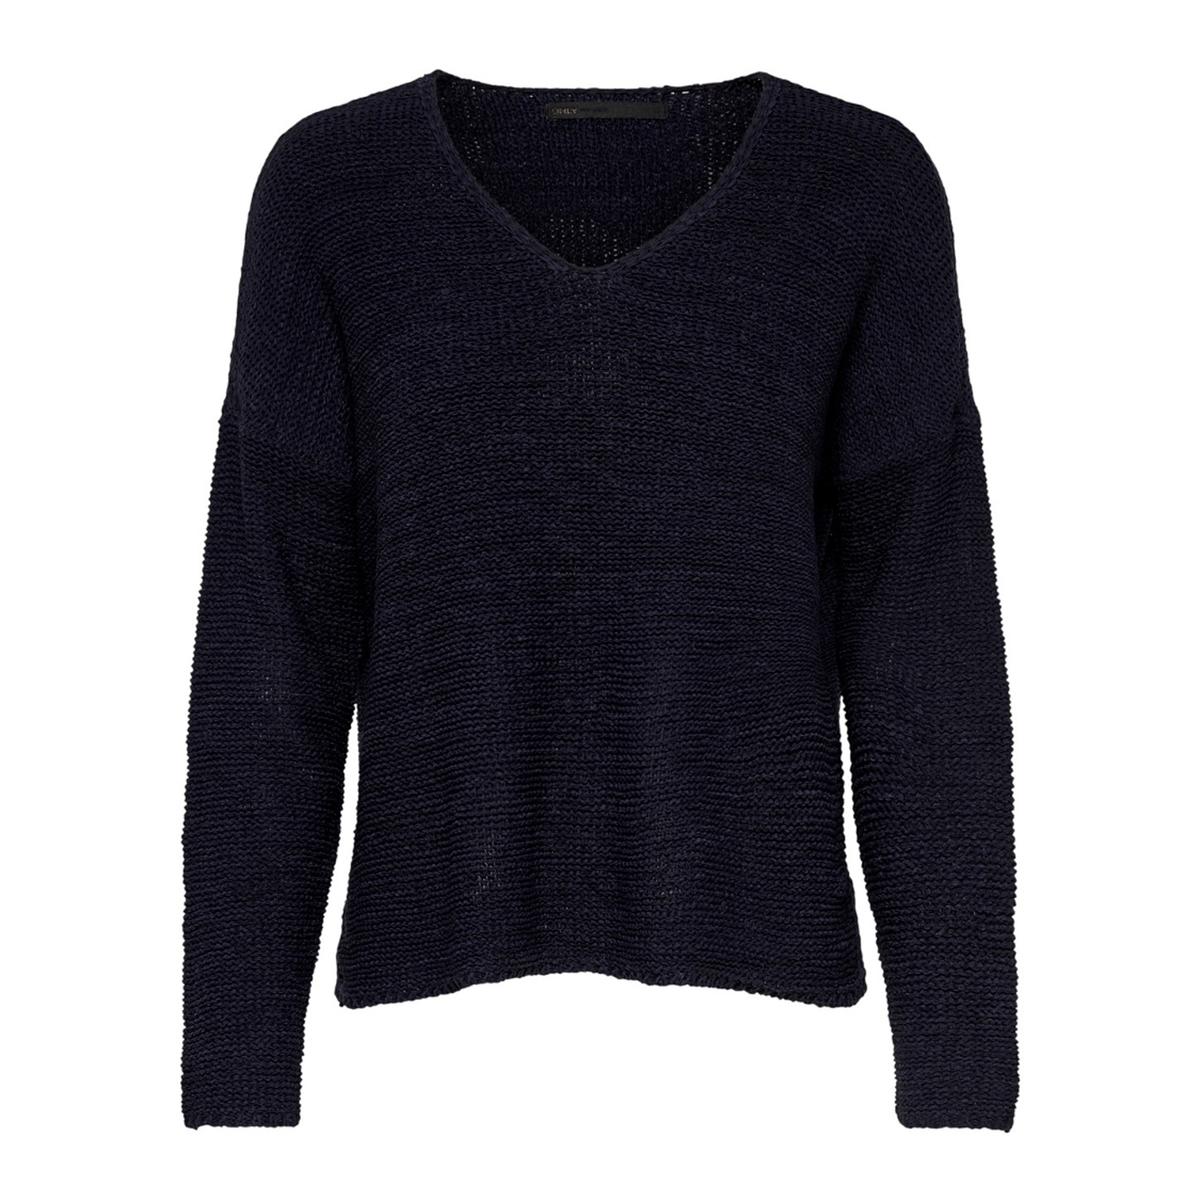 Пуловер La Redoute С V-образным вырезом из тонкого трикотажа M синий пуловер la redoute с v образным вырезом из тонкого витого трикотажа m каштановый